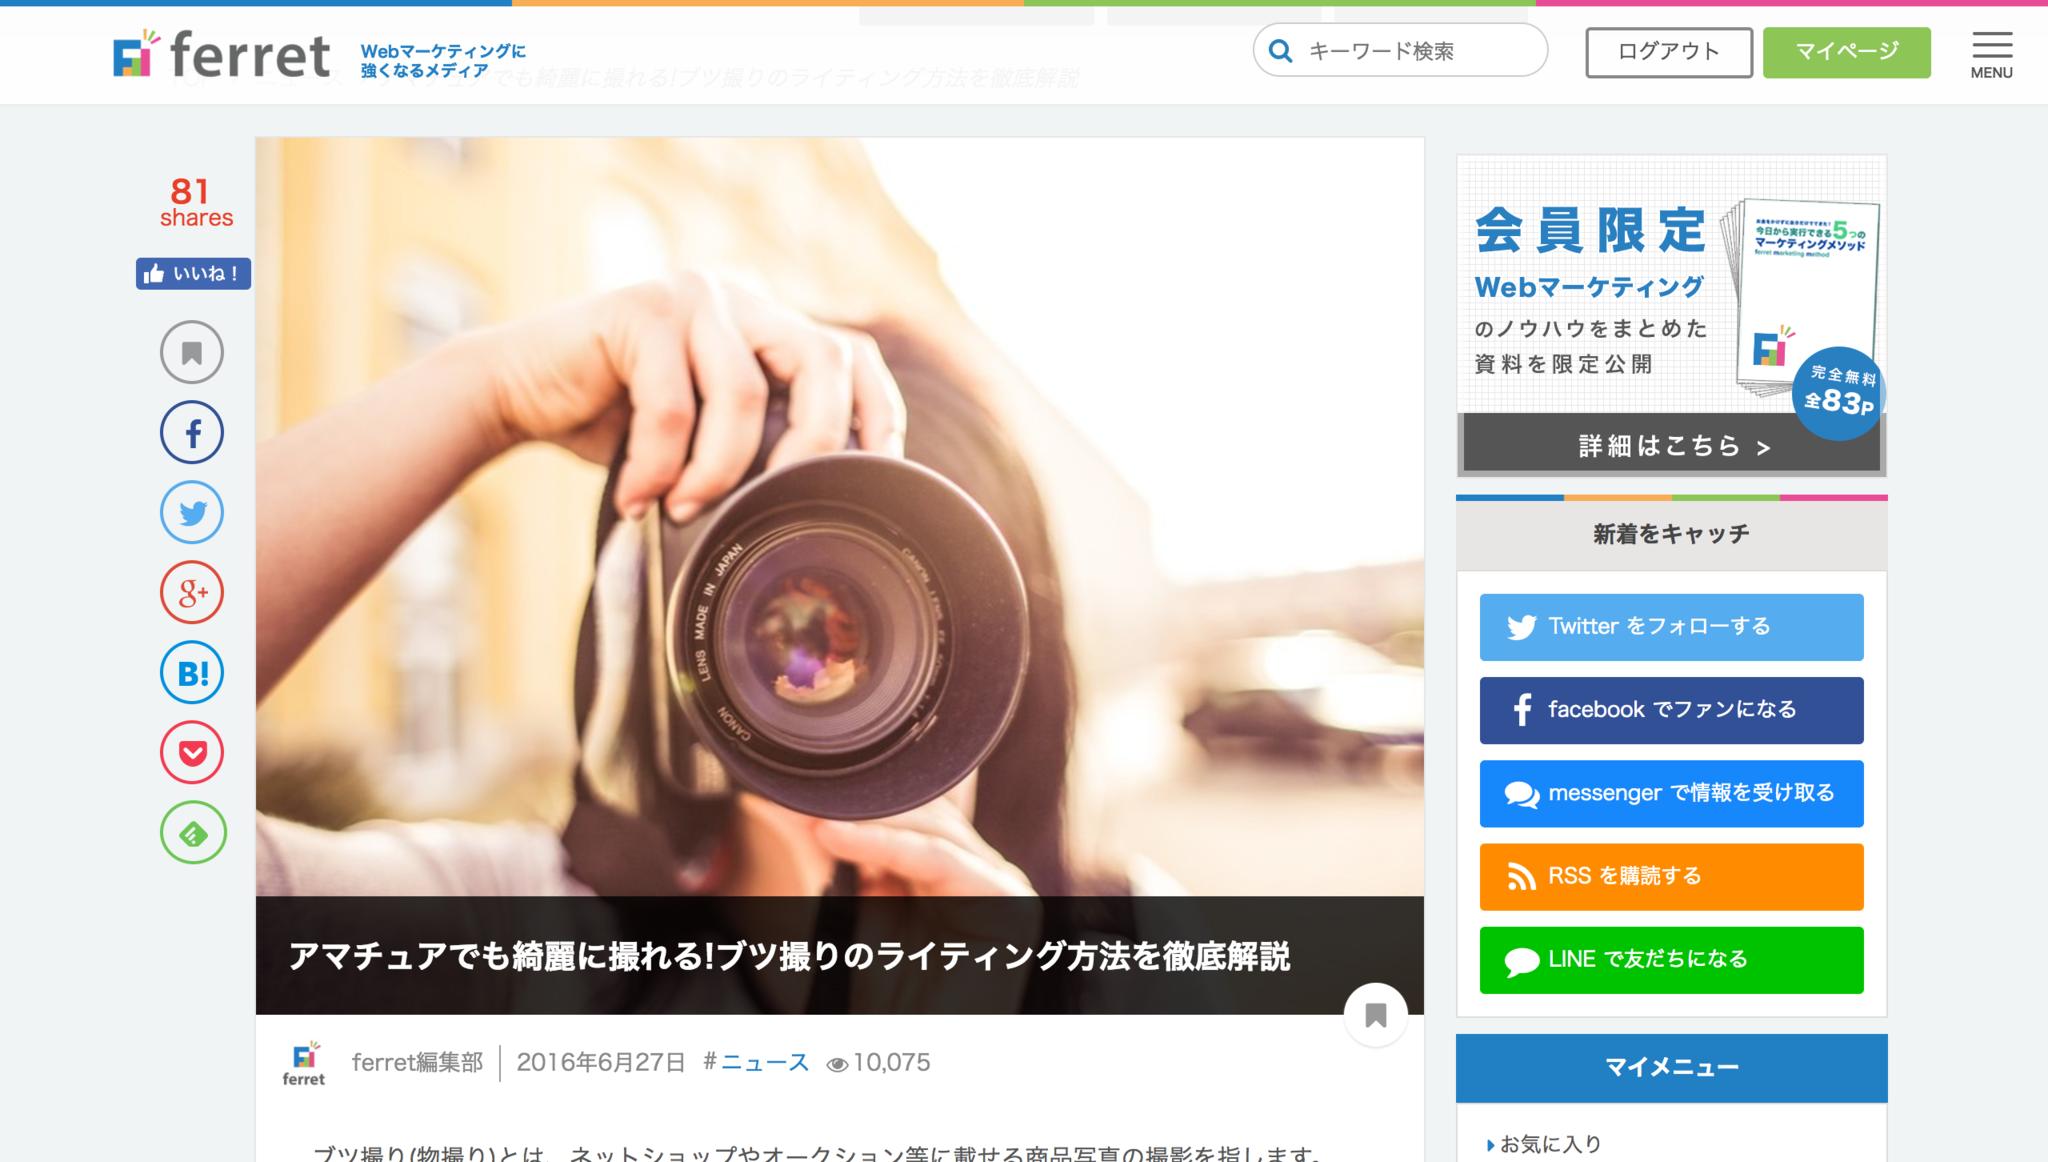 アマチュアでも綺麗に撮れる_ブツ撮りのライティング方法を徹底解説|ferret__フェレット_.png